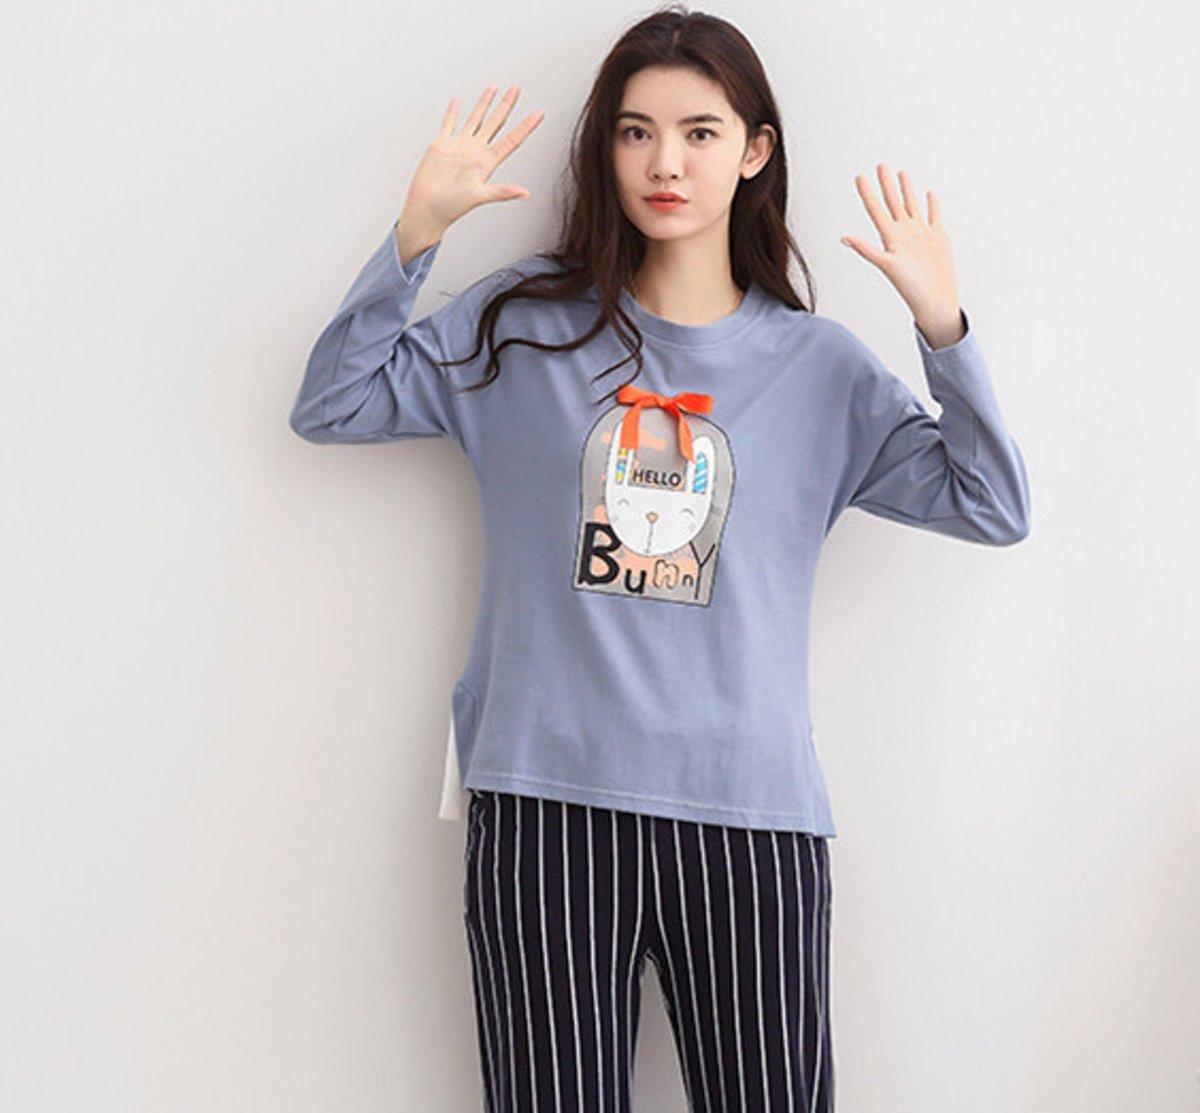 Printed lange mouwen pyjamasets XXL 6328 (Raadpleeg de productbeschrijving voor de maat) kopen